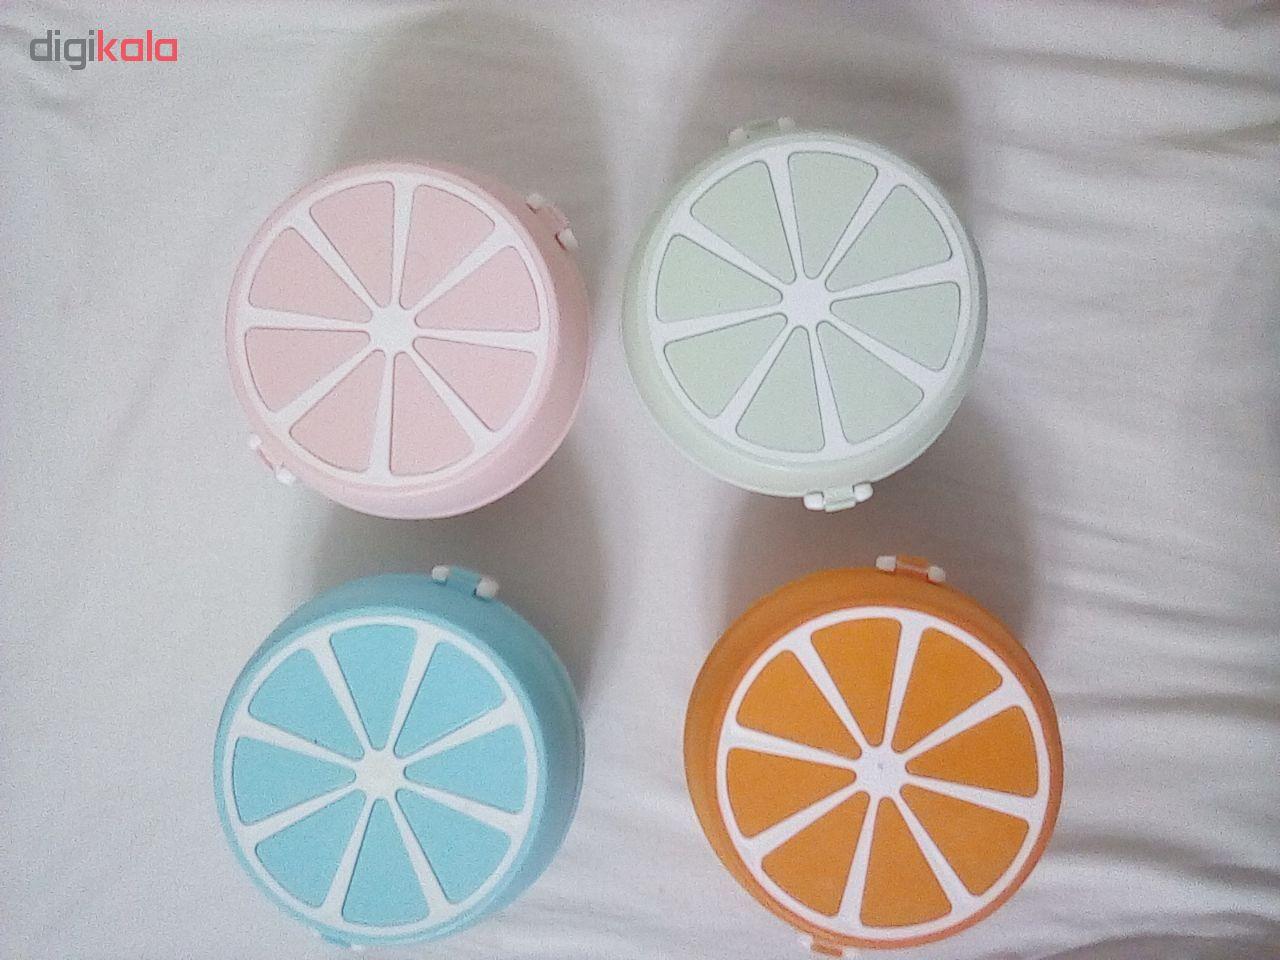 ظرف نگهدارنده سه تکه طرح پرتقال کد 0005 main 1 5